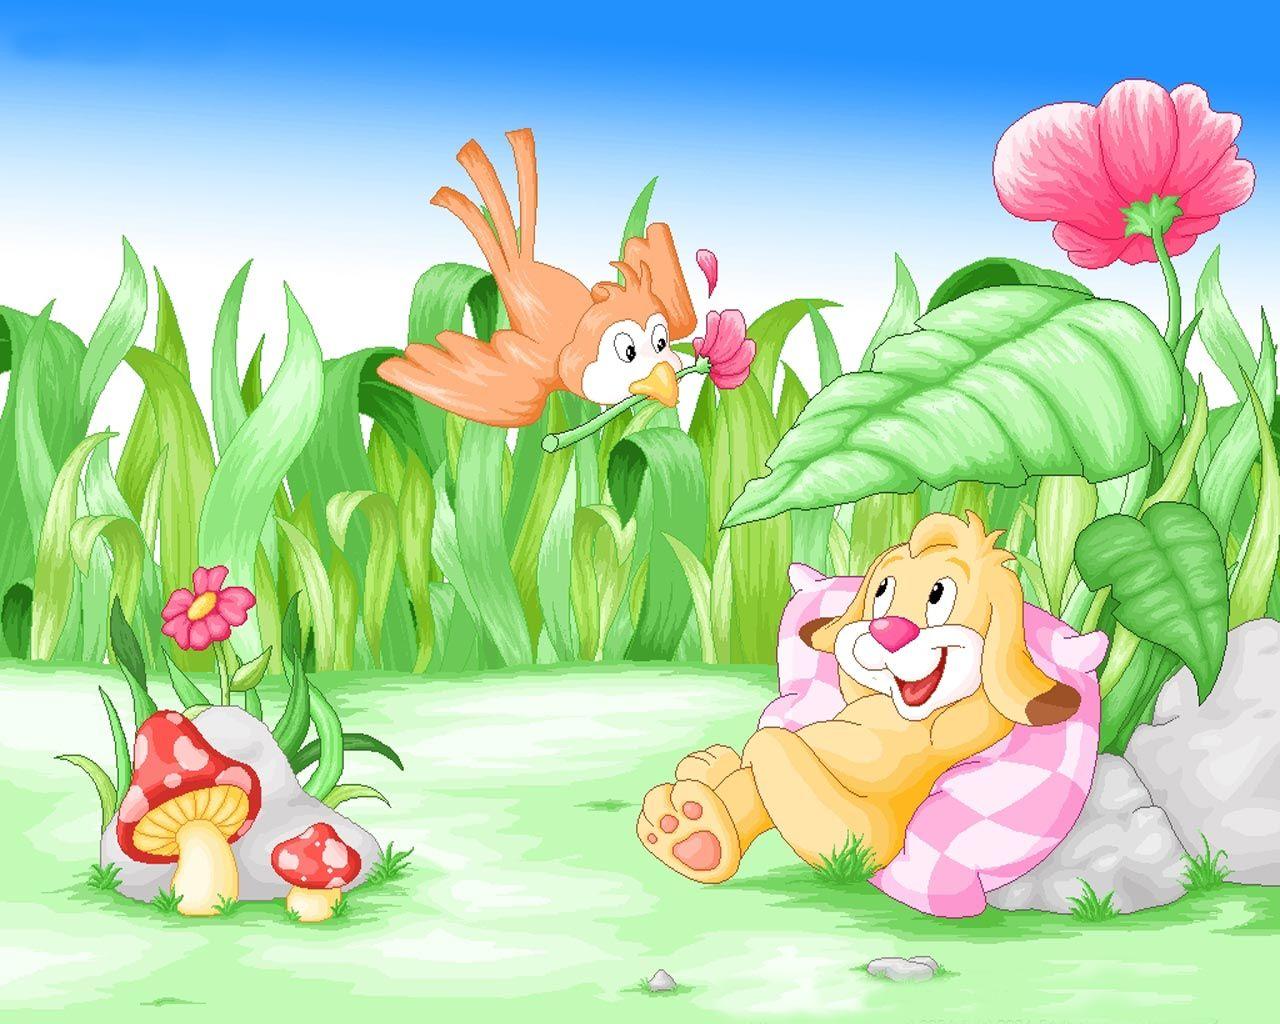 Cartoons Images wallpaper hd